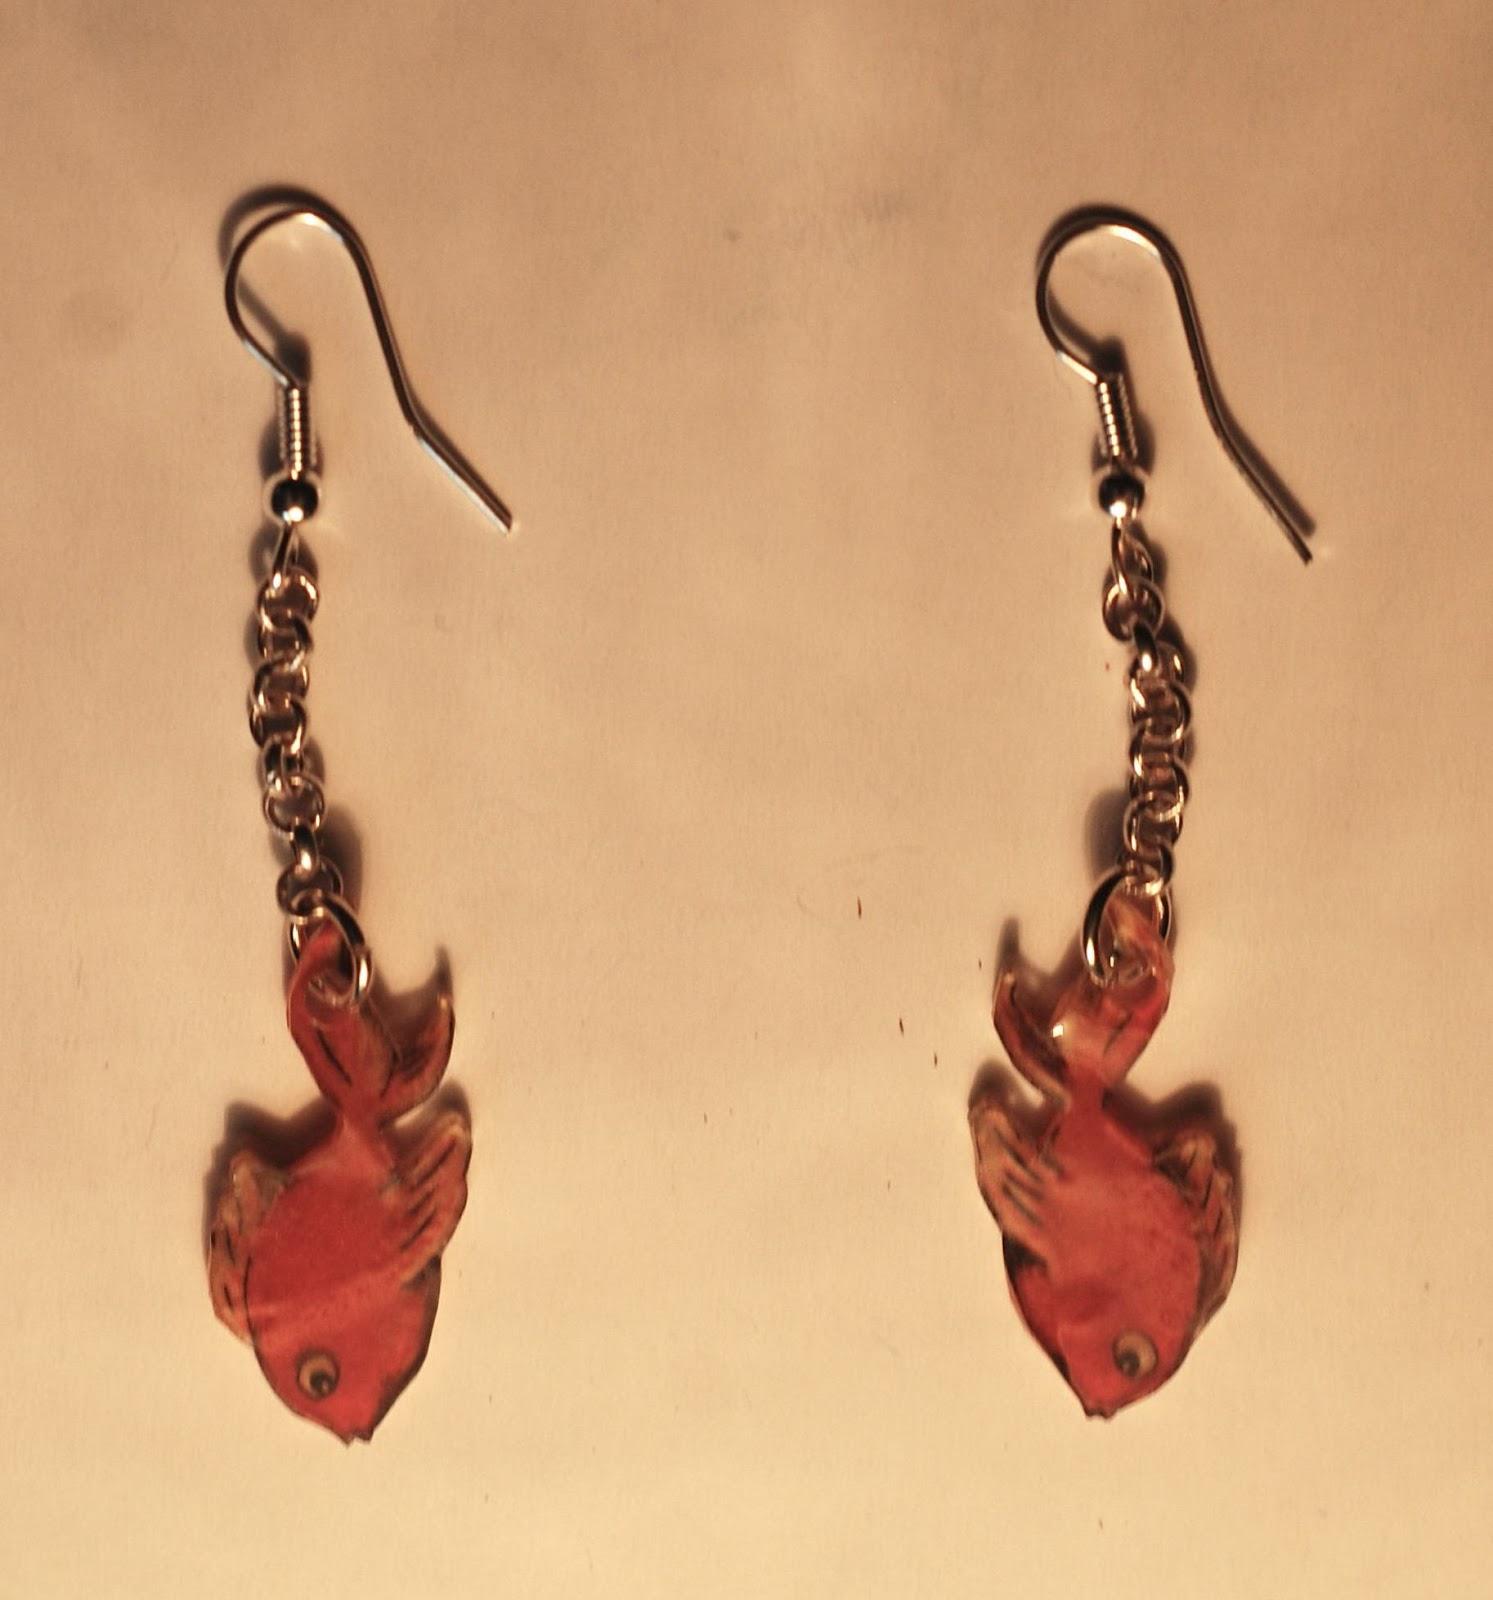 boucles d'oreilles les poisson rouges en plastique dingue